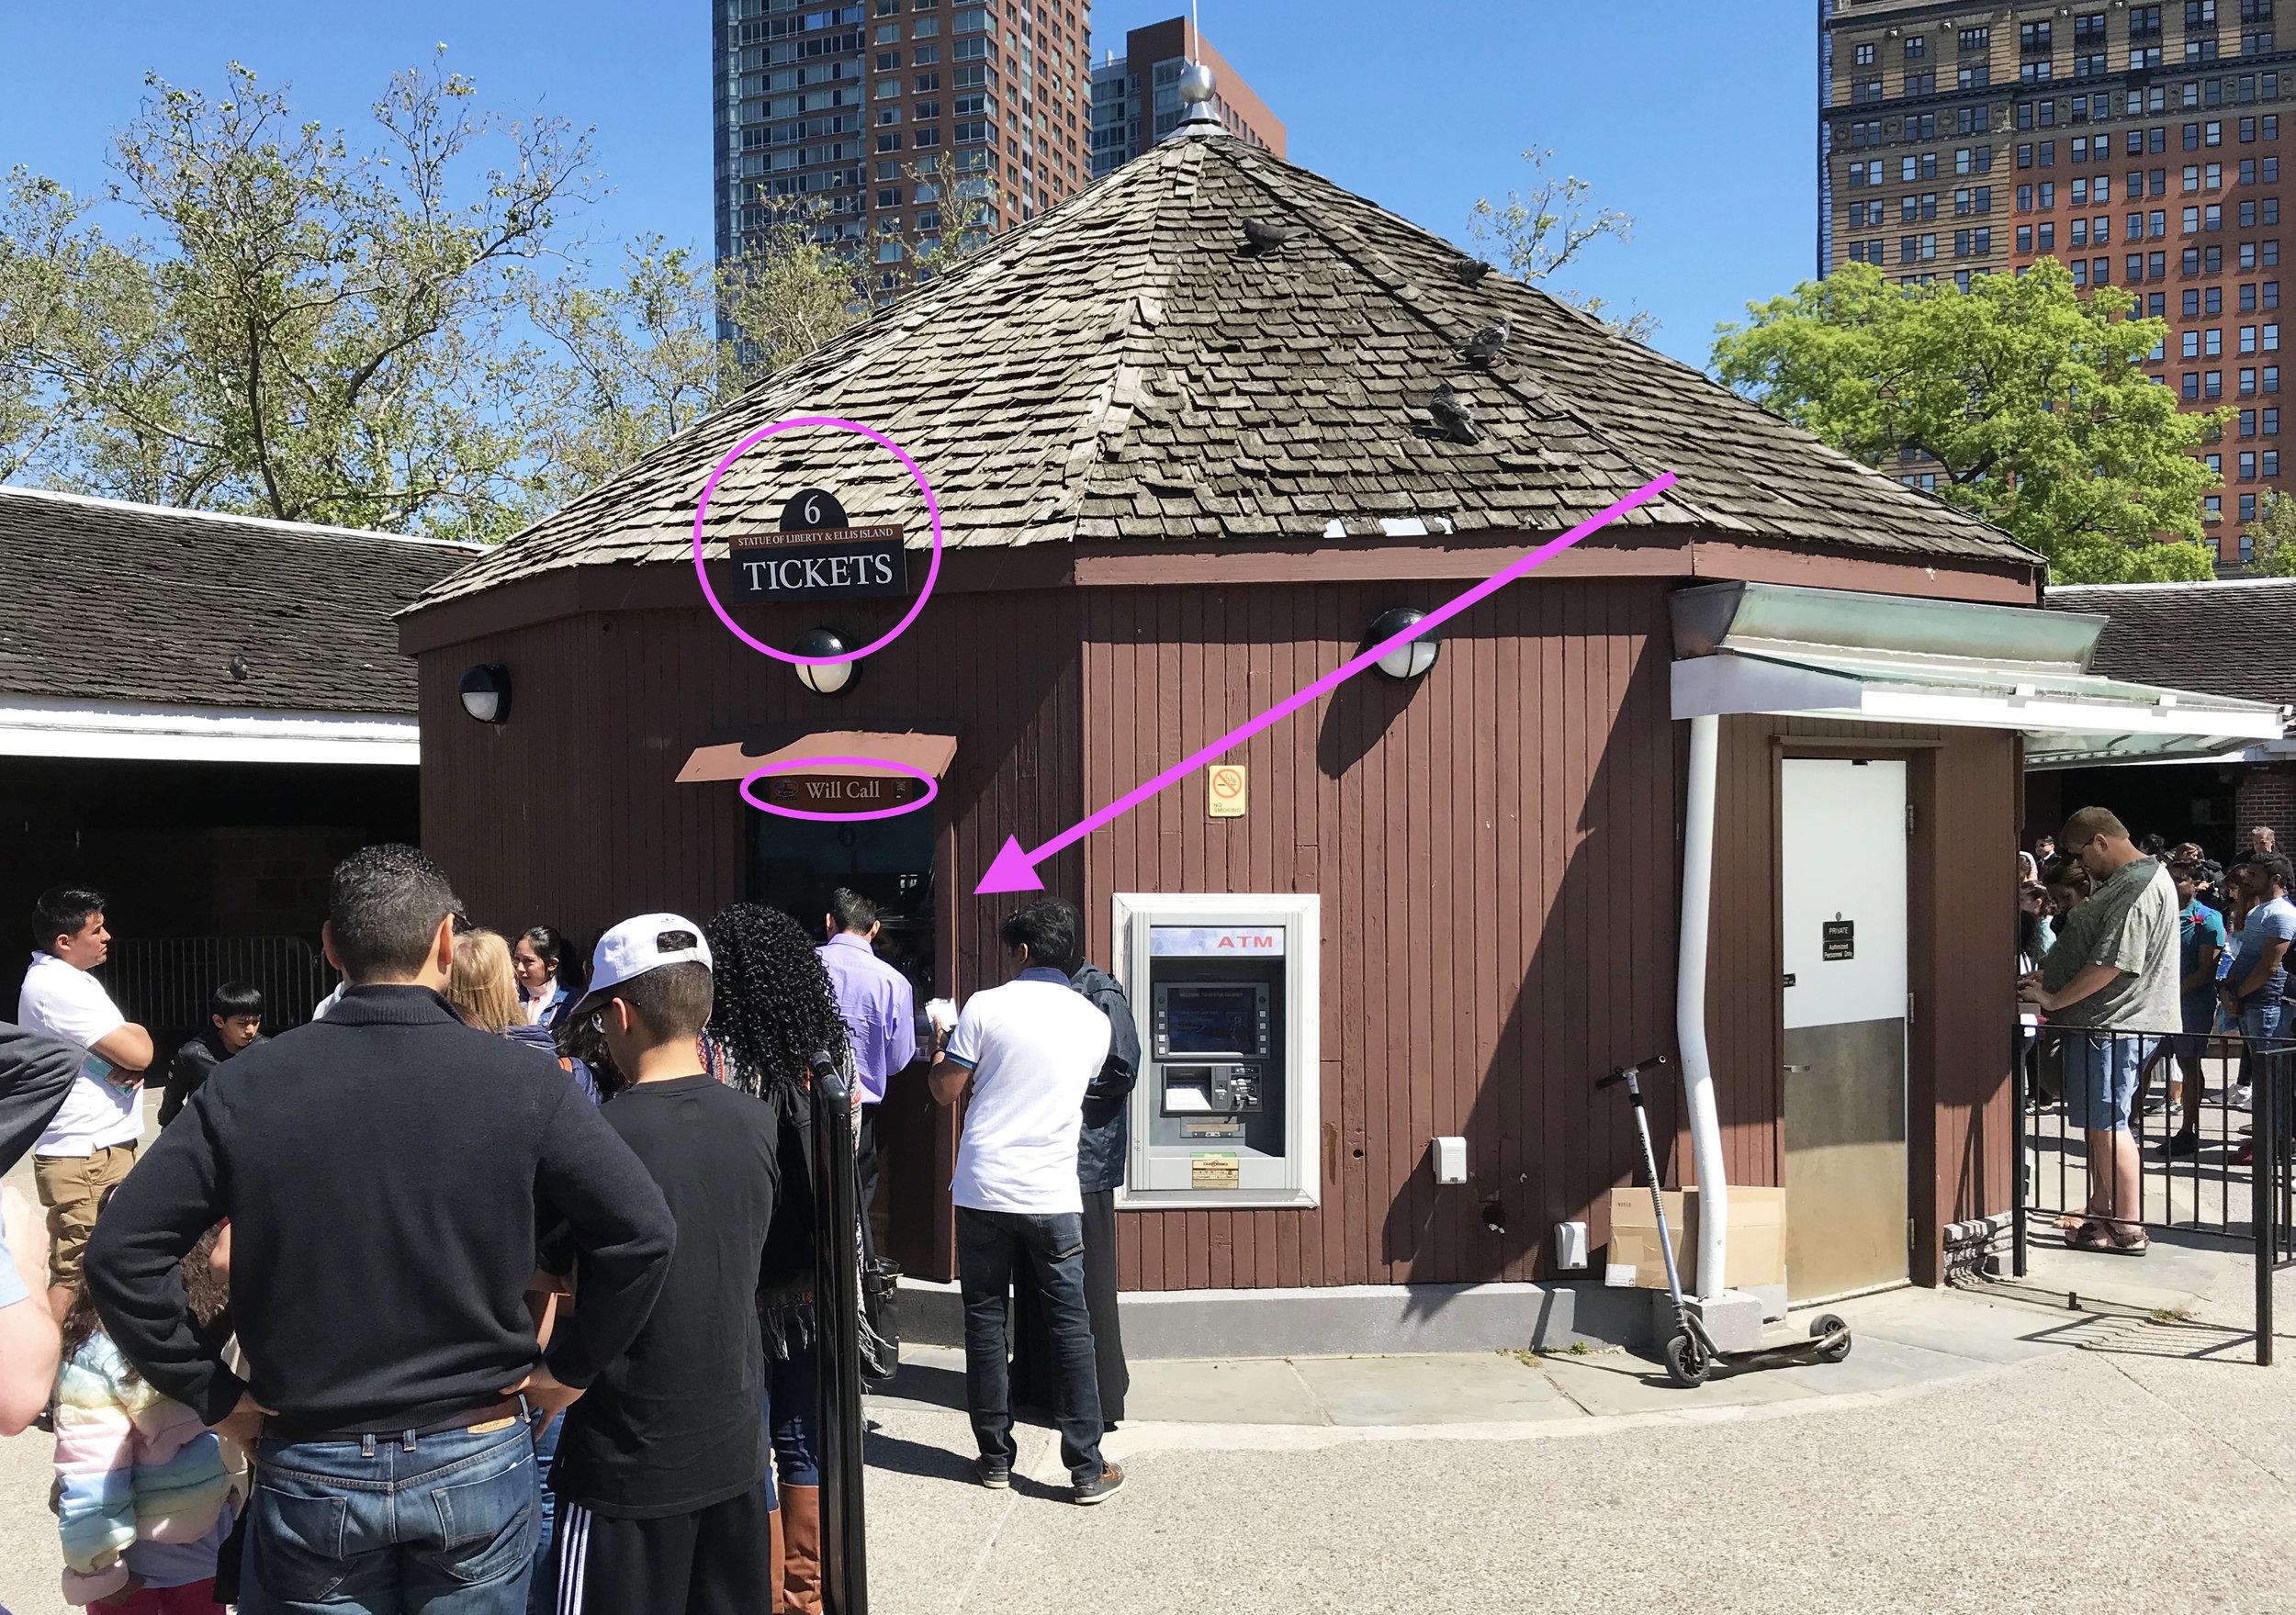 Не стойте в очереди в другие кассы, билеты в корону выдают только в окне номер 6